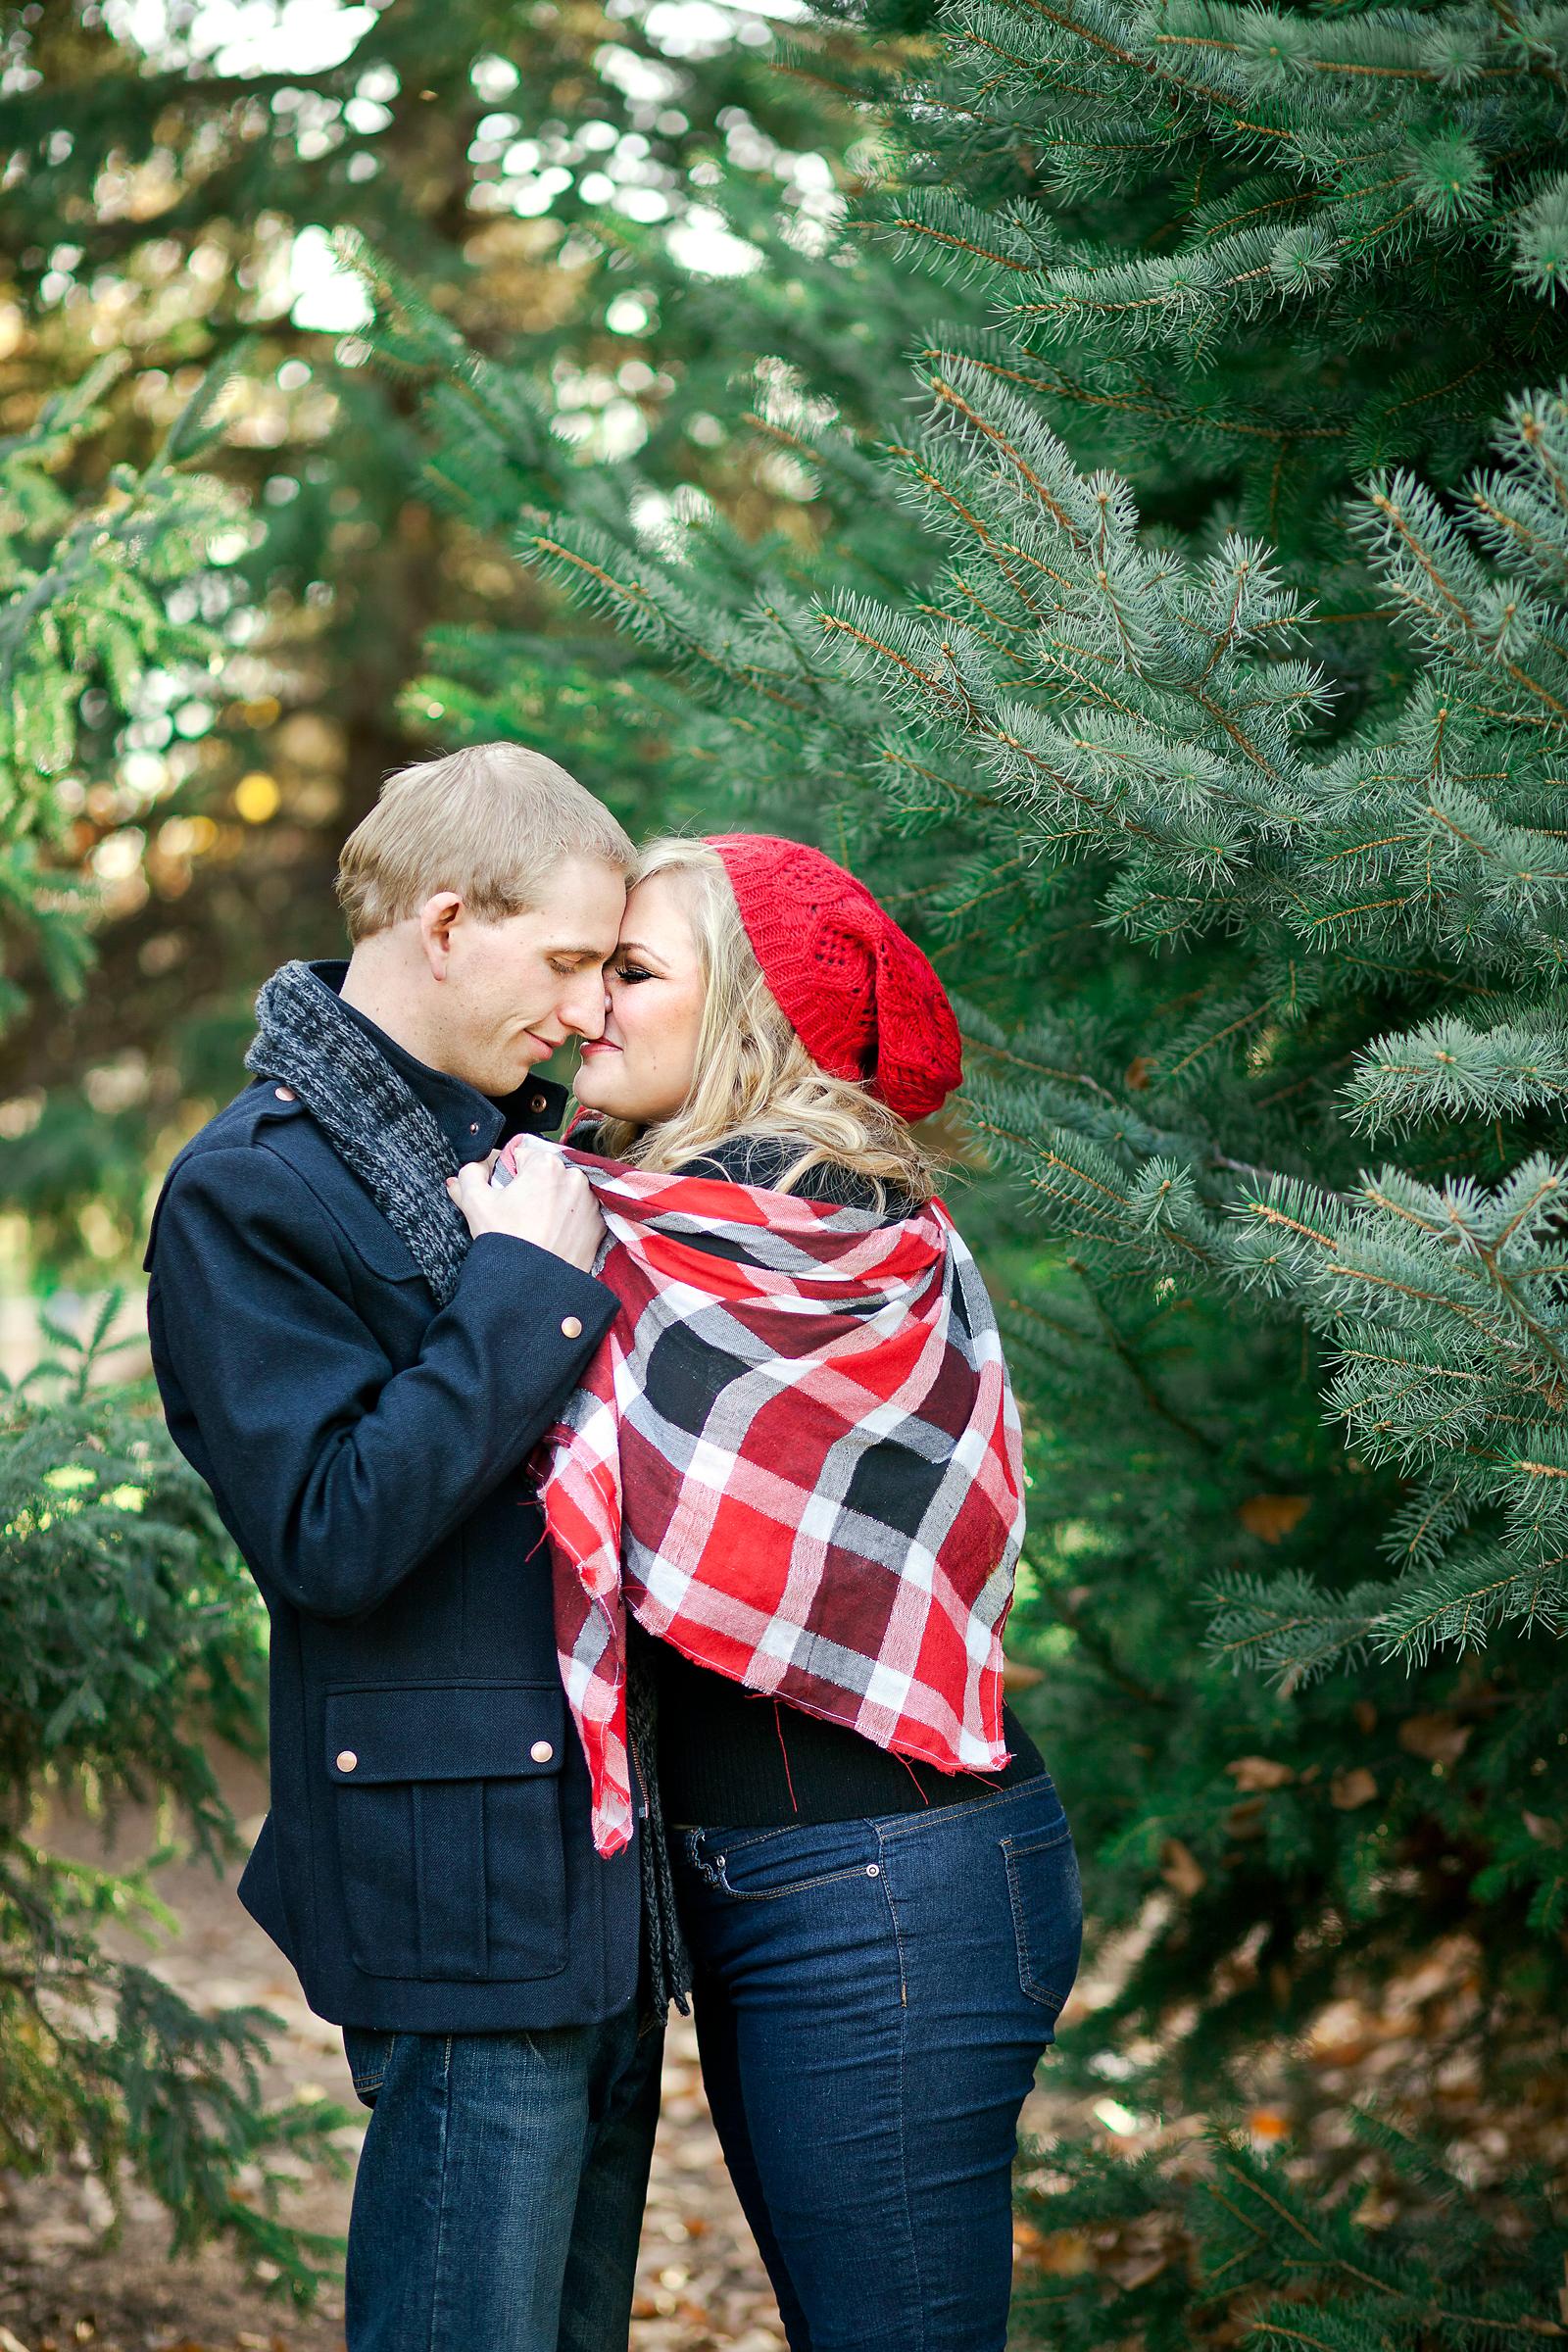 couples_christmas_card_idea_003.jpg